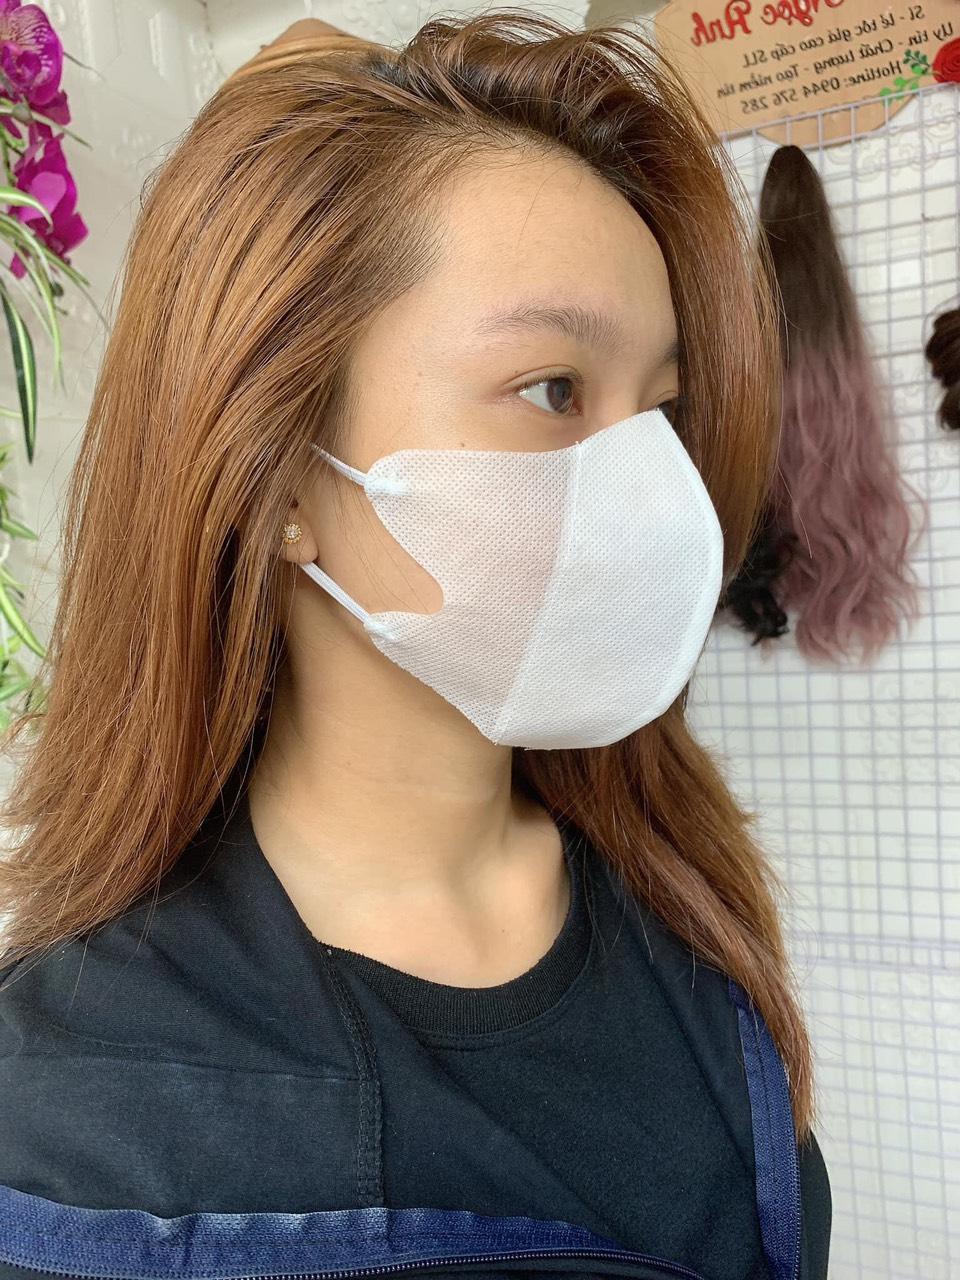 50 cái Khẩu trang vải không dệt cao cấp( vải y tế) kháng khuẩn 3 lớp- tái sử dụng được 3,4 lần.